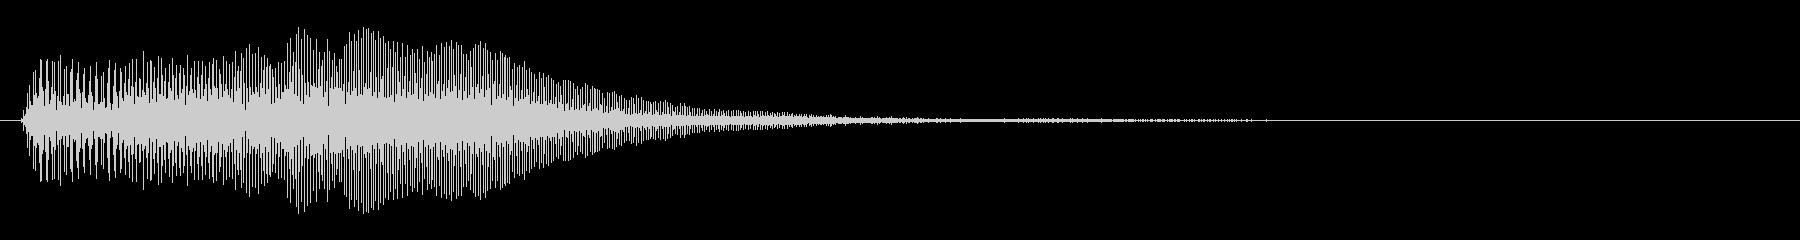 アプリ・ゲームの決定音_001の未再生の波形